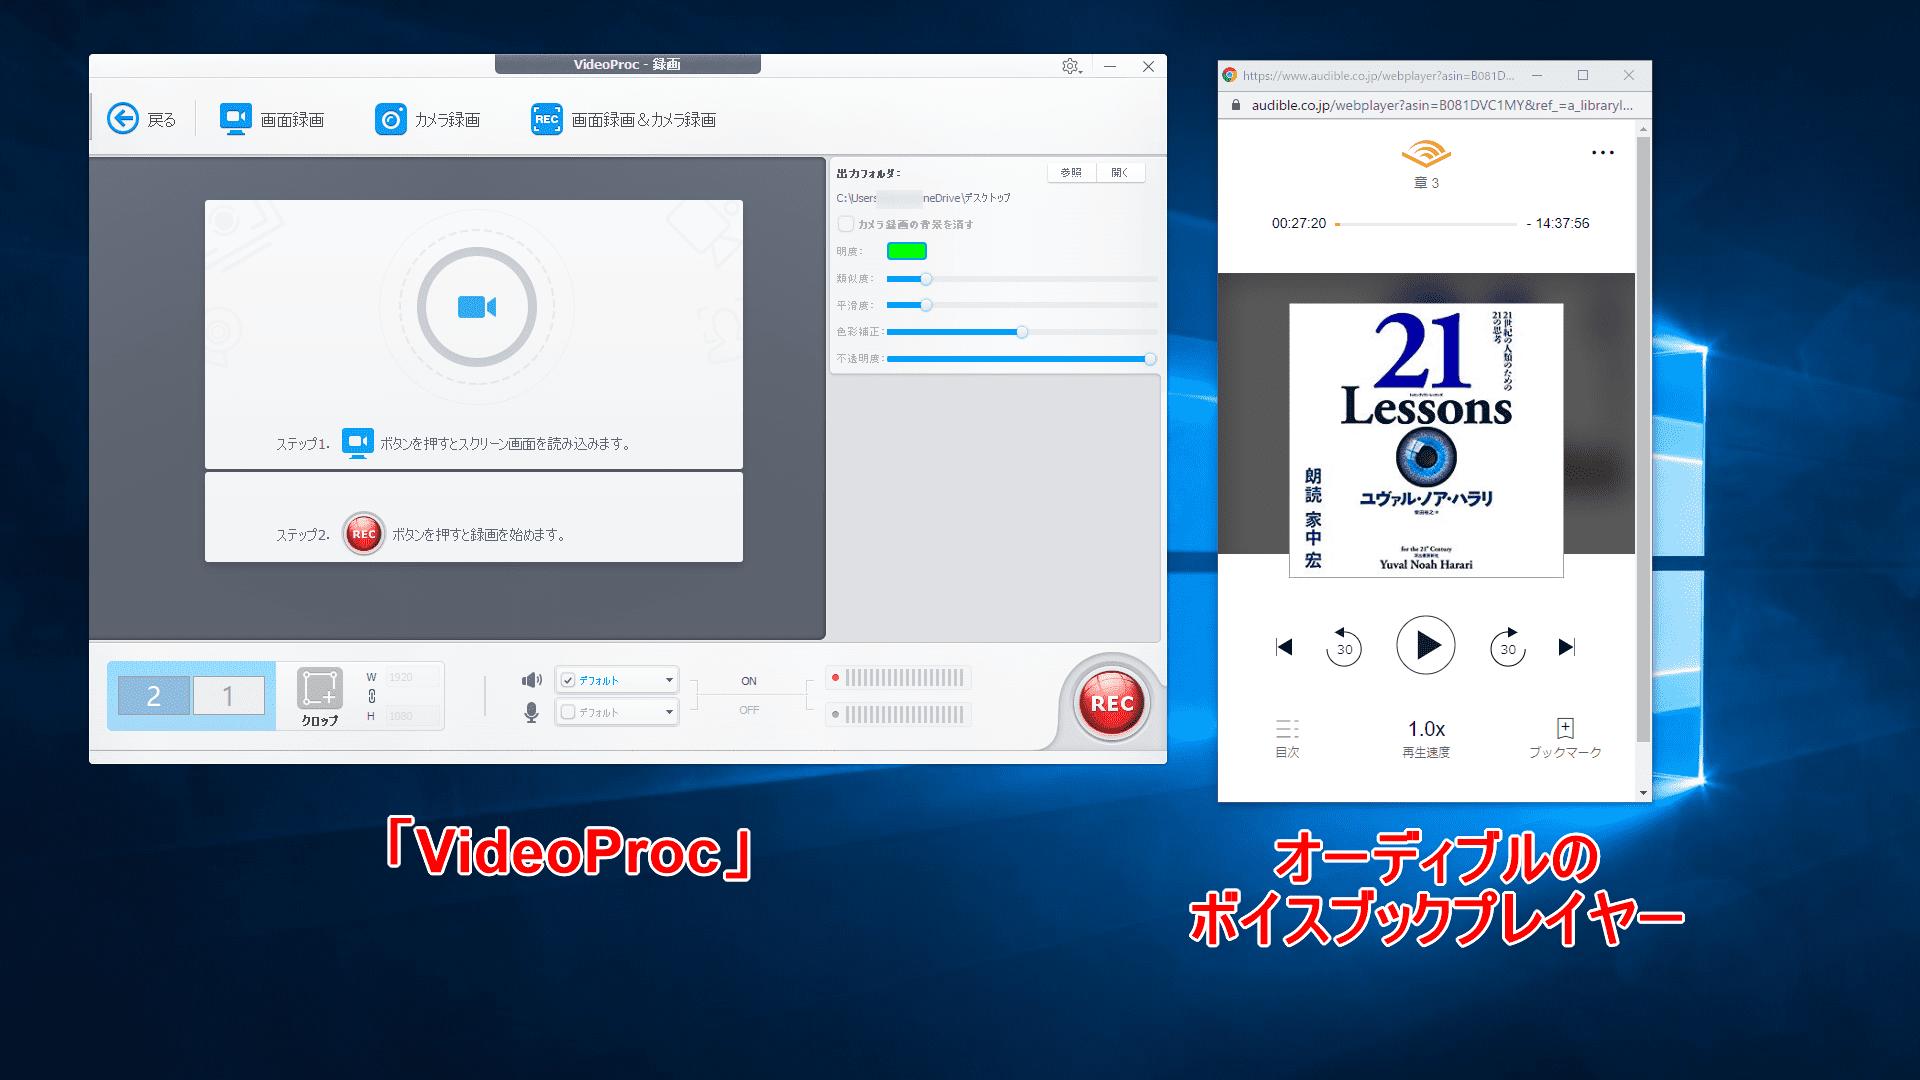 【アマゾンオーディブルおすすめ活用術】ボイスブックは外部保存してスマホで聴ける!返品・解約後もずっと聴けるアマゾンオーディブルの使い方【超保存版】|パソコンに保存する手順:ボイスブックを再生して録画を開始する:ここからはオーディブルの「ボイスブックプレイヤー」と「VideoProc」の二つを同時に使用します。 デスクトップ上に二つを並べて表示させておくと、作業がスムーズですよ。